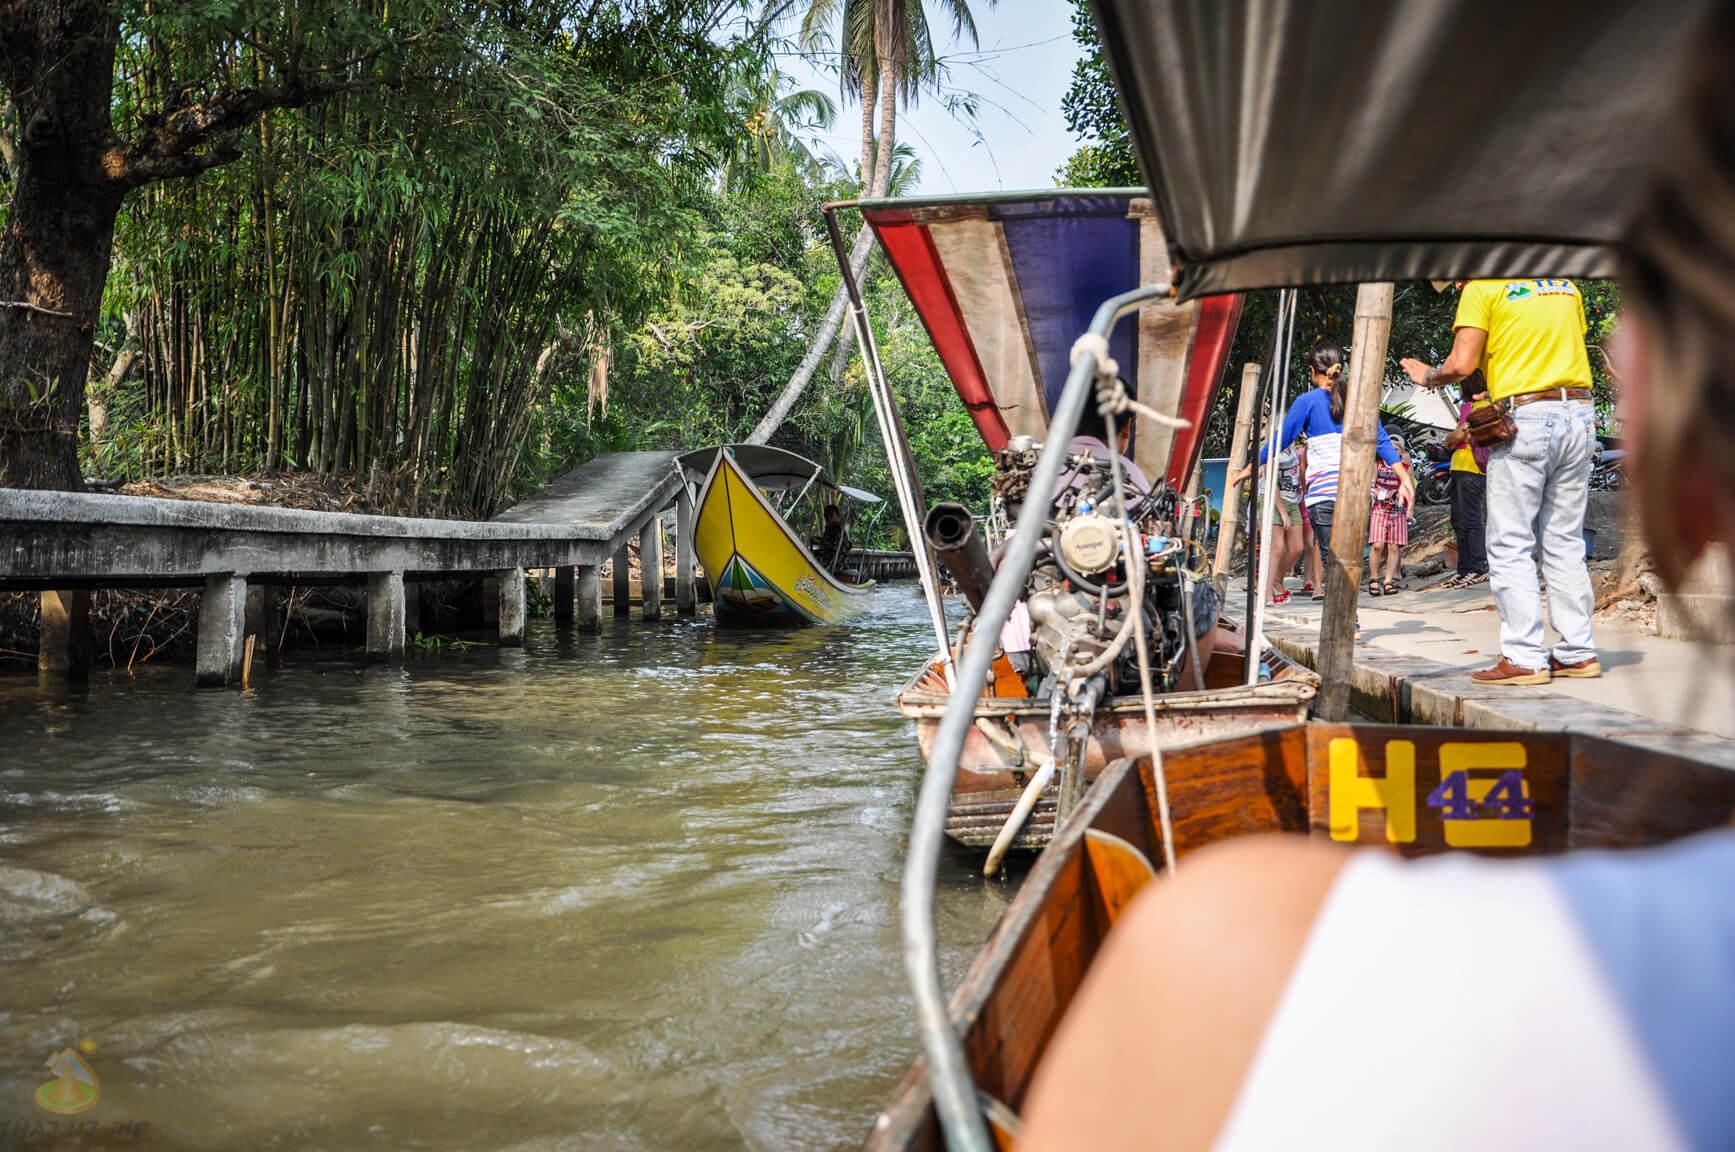 Рынок на воде при экскурсии на Квай